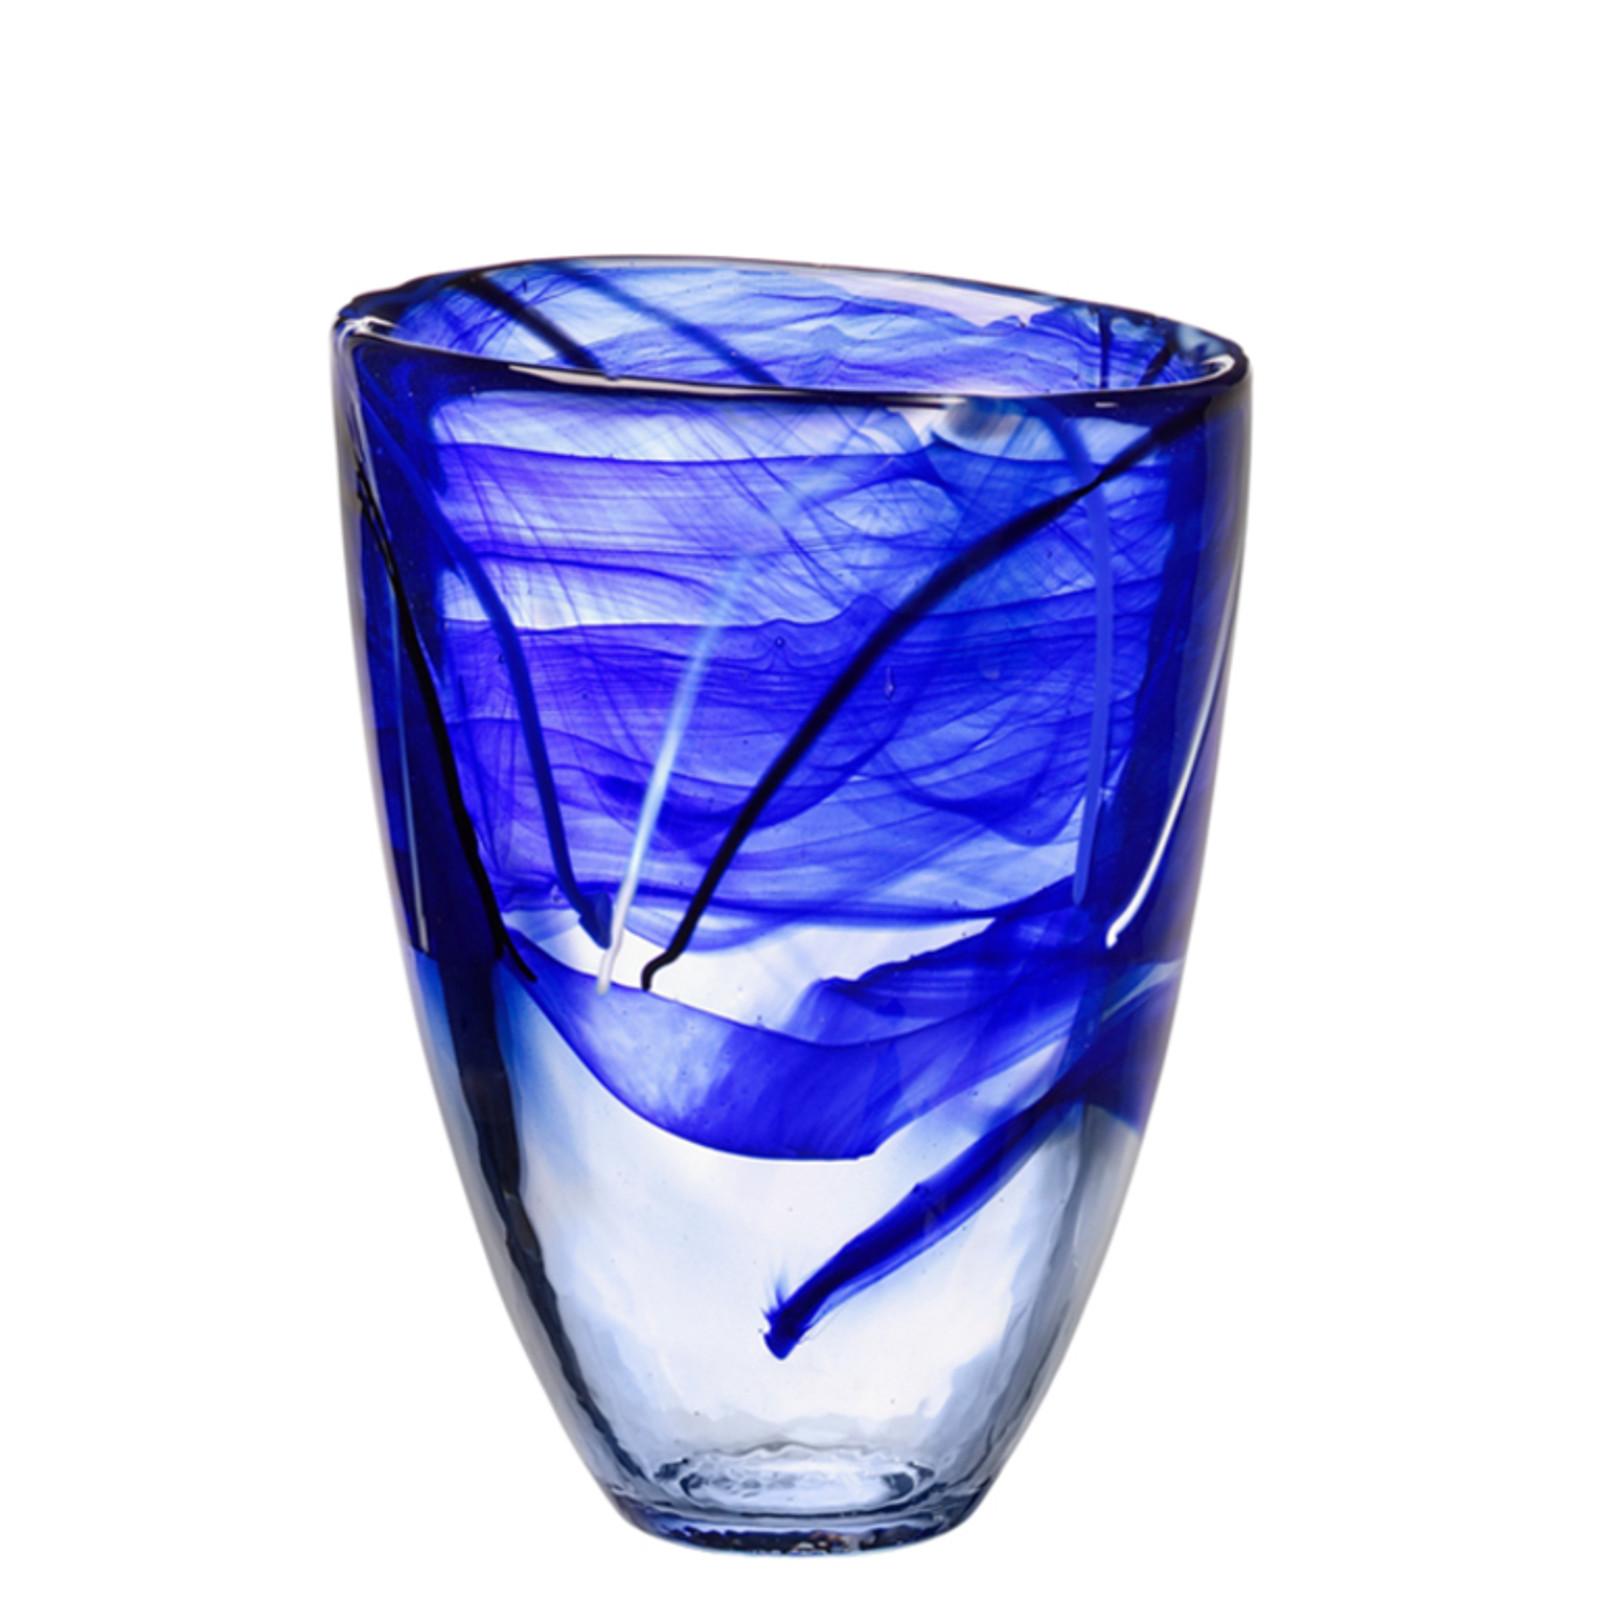 Kosta Boda Contrast Blue Vase